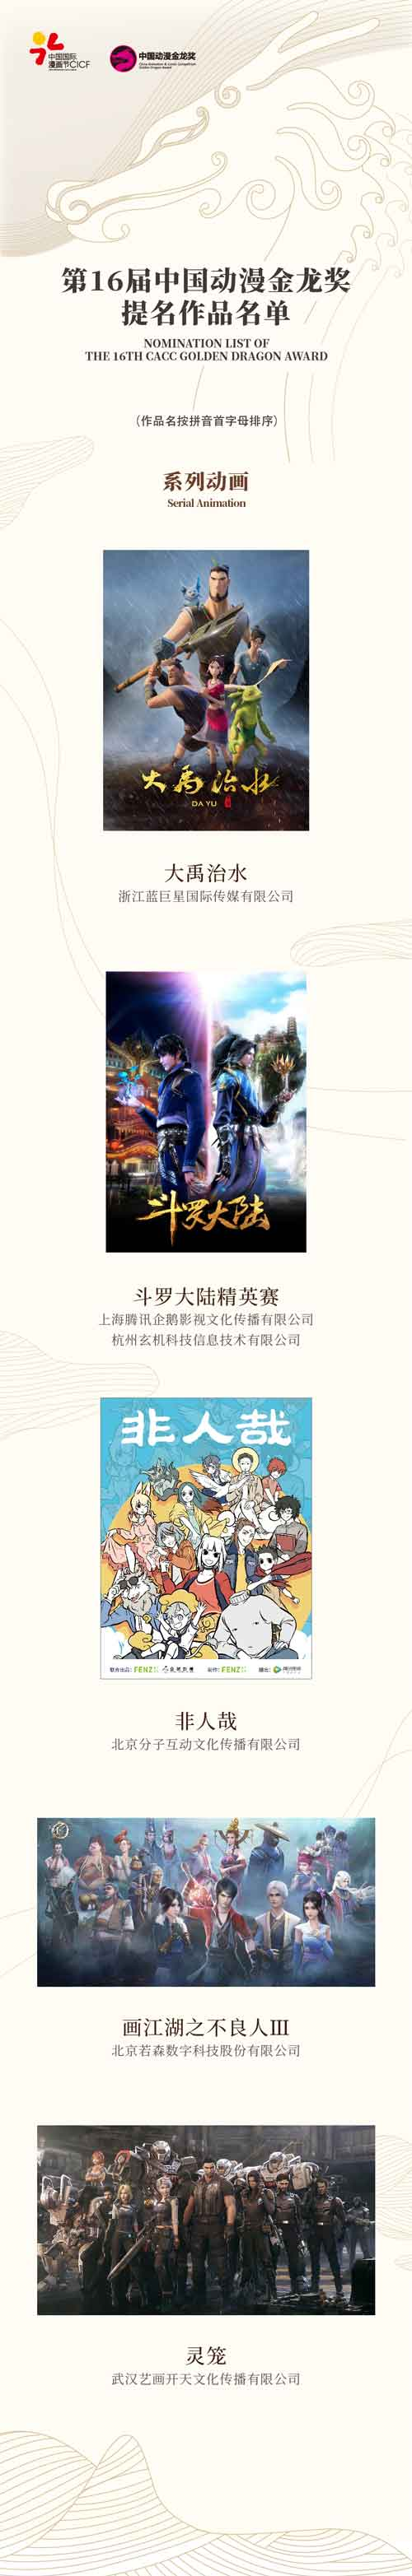 第16届中国动漫金龙奖提名名单揭晓! 原创专区-第6张